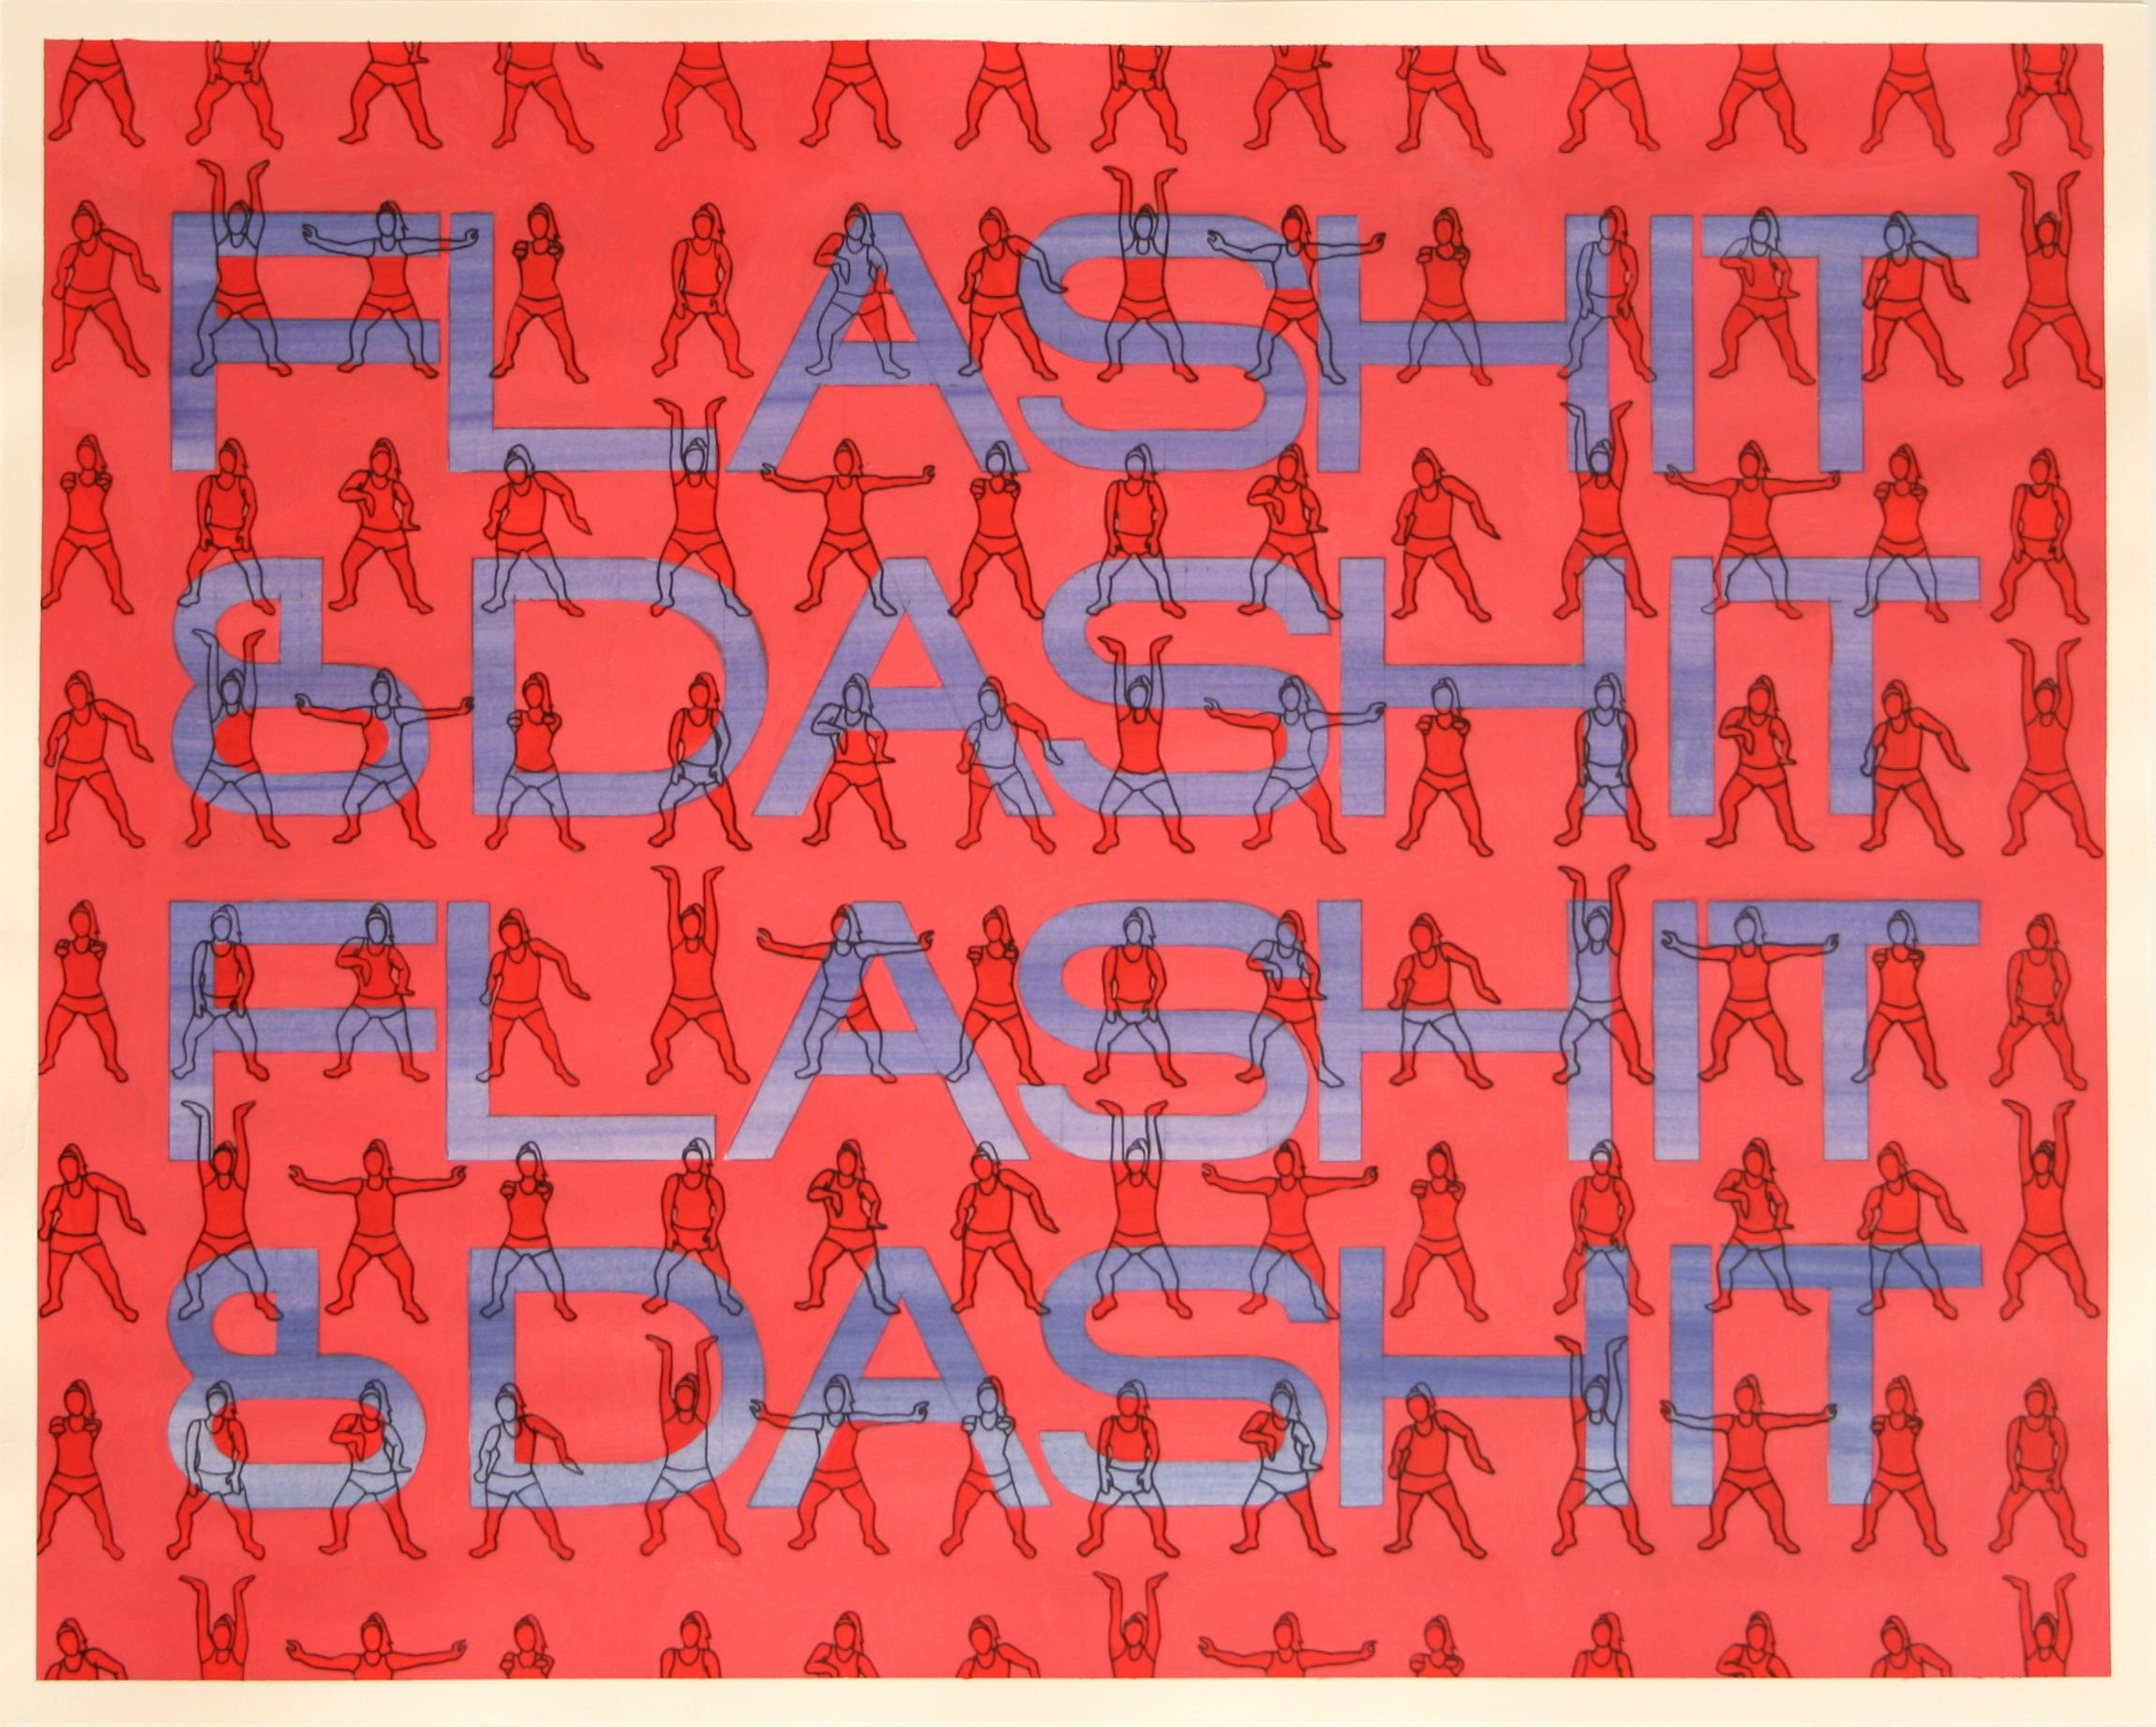 Flash It & Dash It